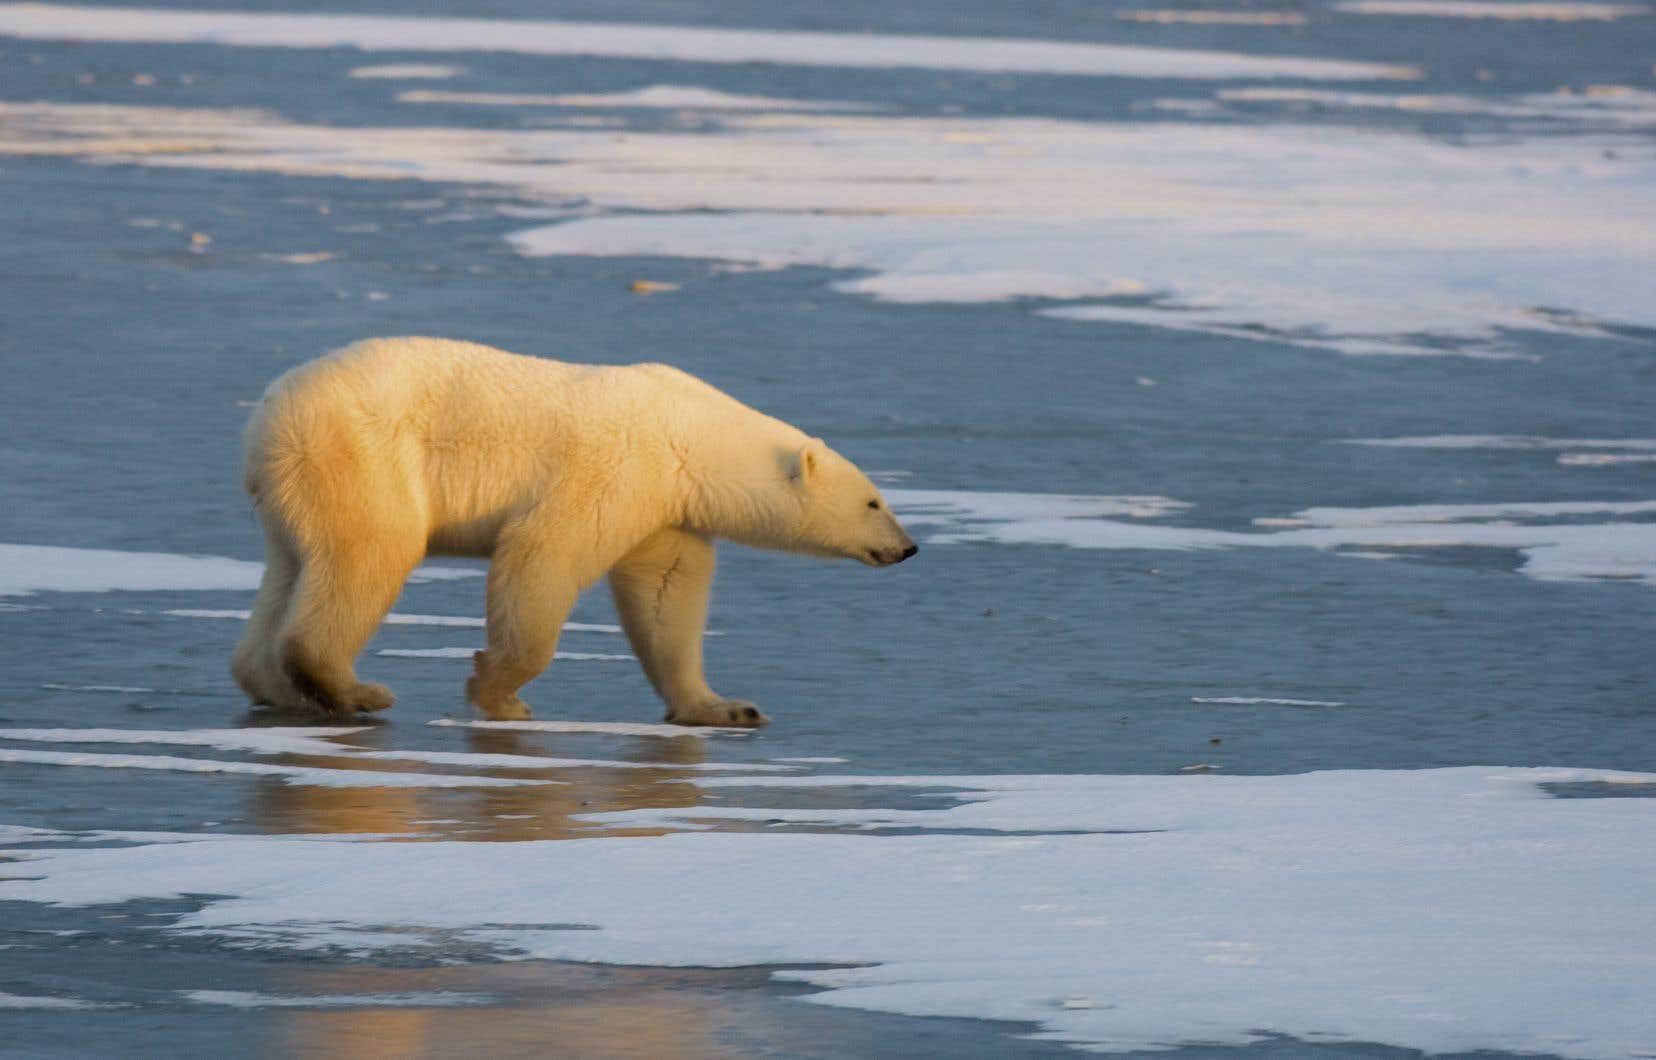 Les changements climatiques ont modifié la structure de la glace marine, essentielle pour les ours polaires mais aussi pour les habitants.